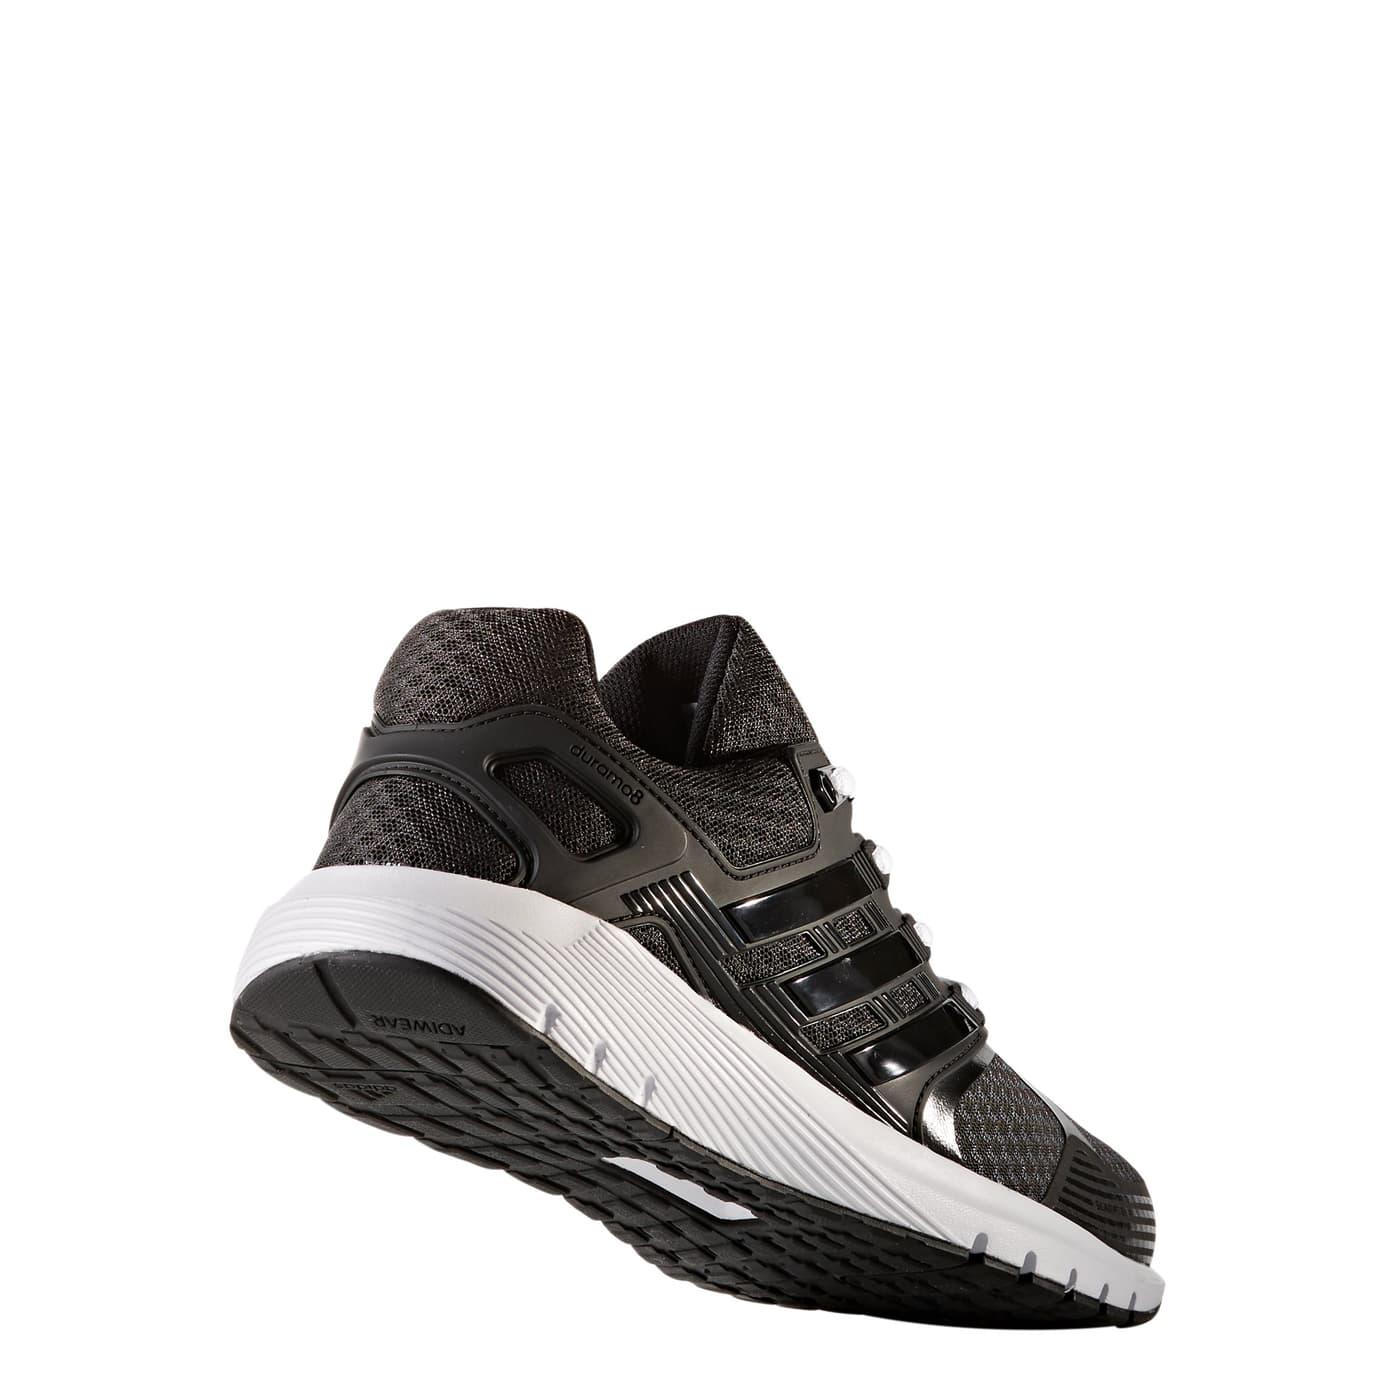 cheaper 0721e fe674 ... Adidas Duramo 8 Chaussures de course pour femme